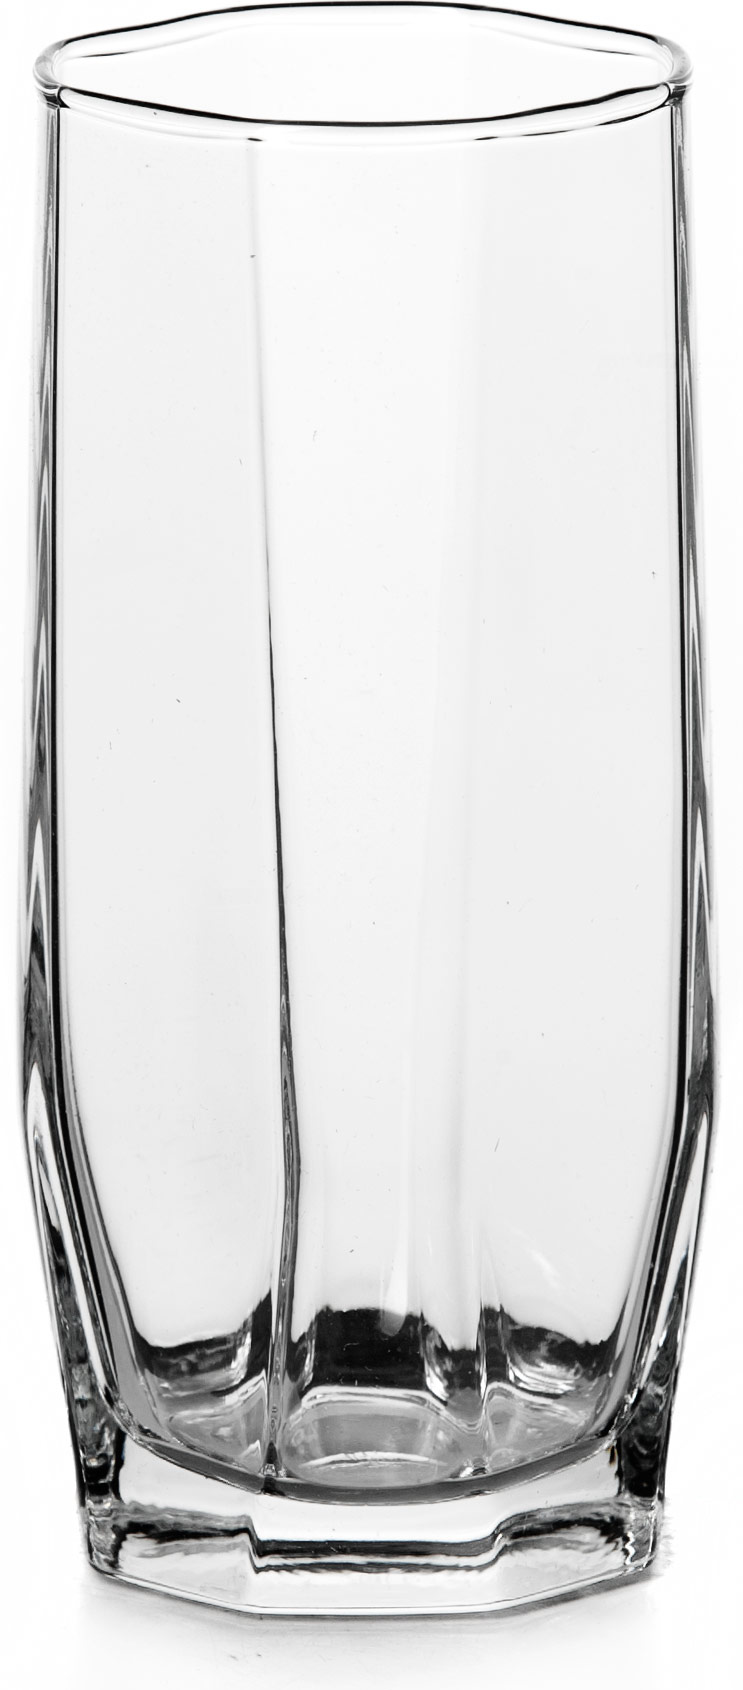 """Набор Pasabahce """"Hisar"""" состоит из 6 стаканов, выполненных из закаленного натрий-кальций-силикатного стекла. Изделия прекрасно подойдут для подачи коктейлей.  Набор стаканов Pasabahce """"Hisar"""" украсит ваш стол и станет отличным подарком к любому празднику. Высота: 14 см."""